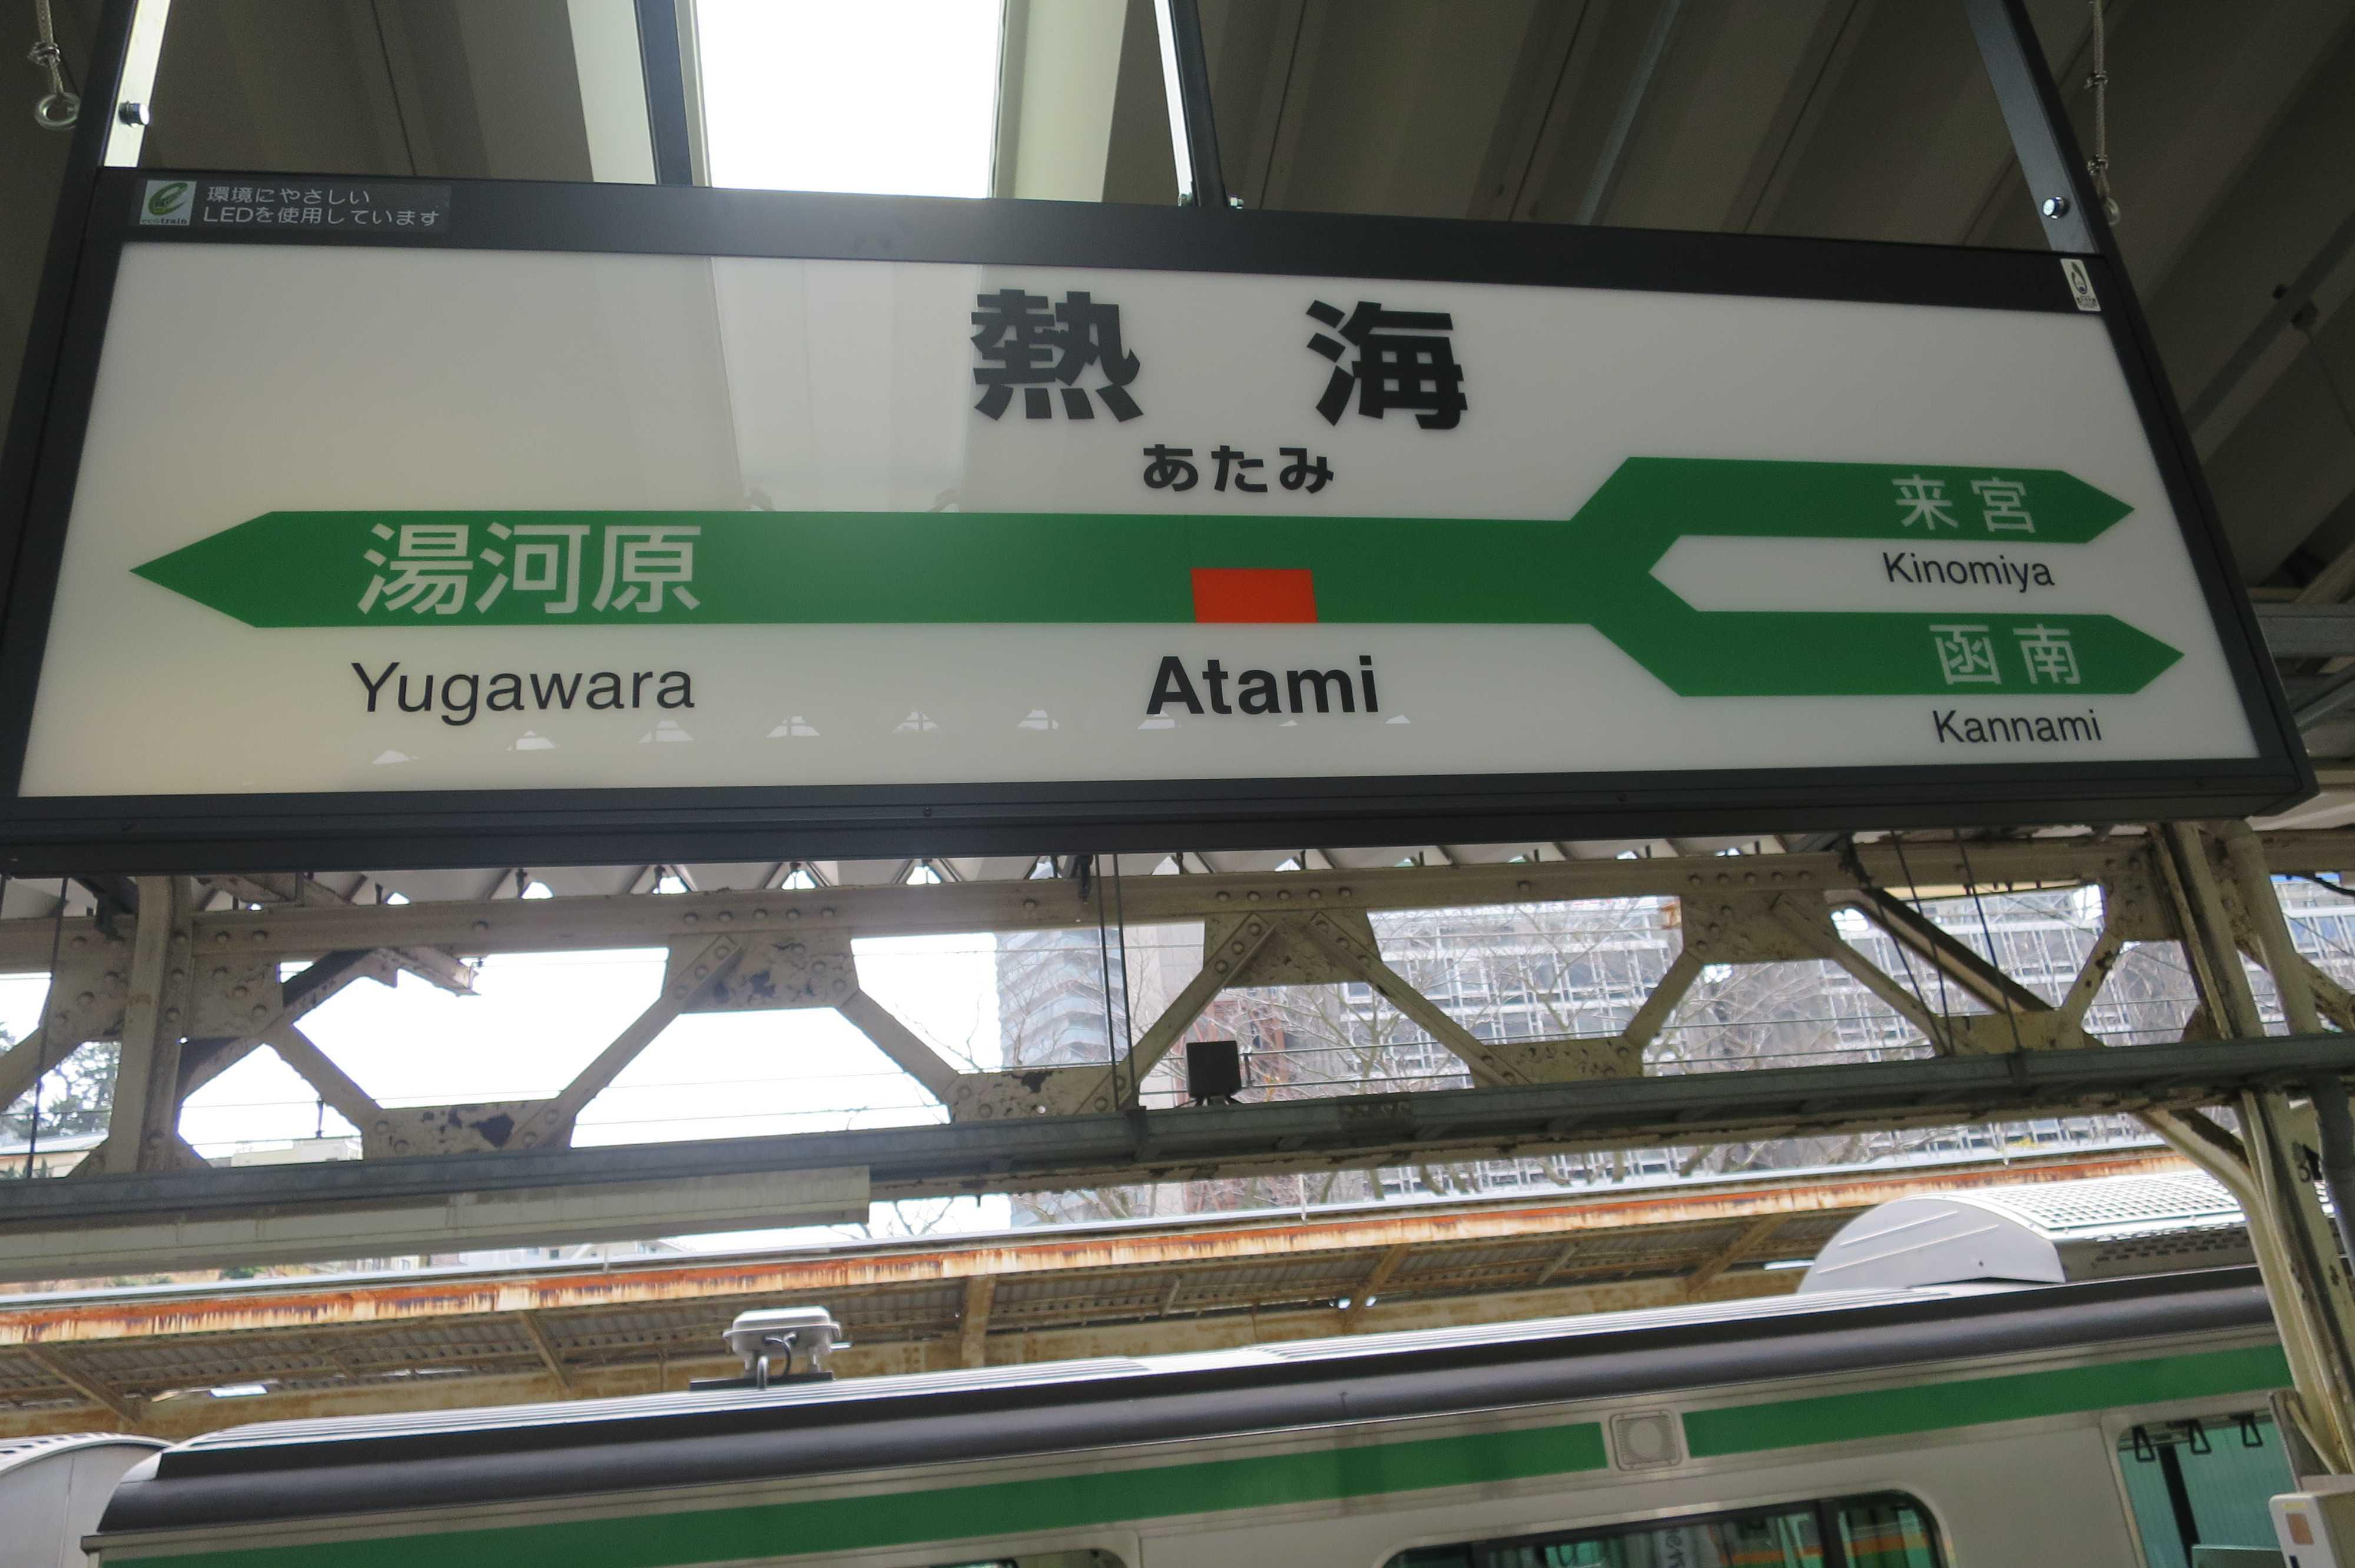 東海道線 - 熱海(Atami)